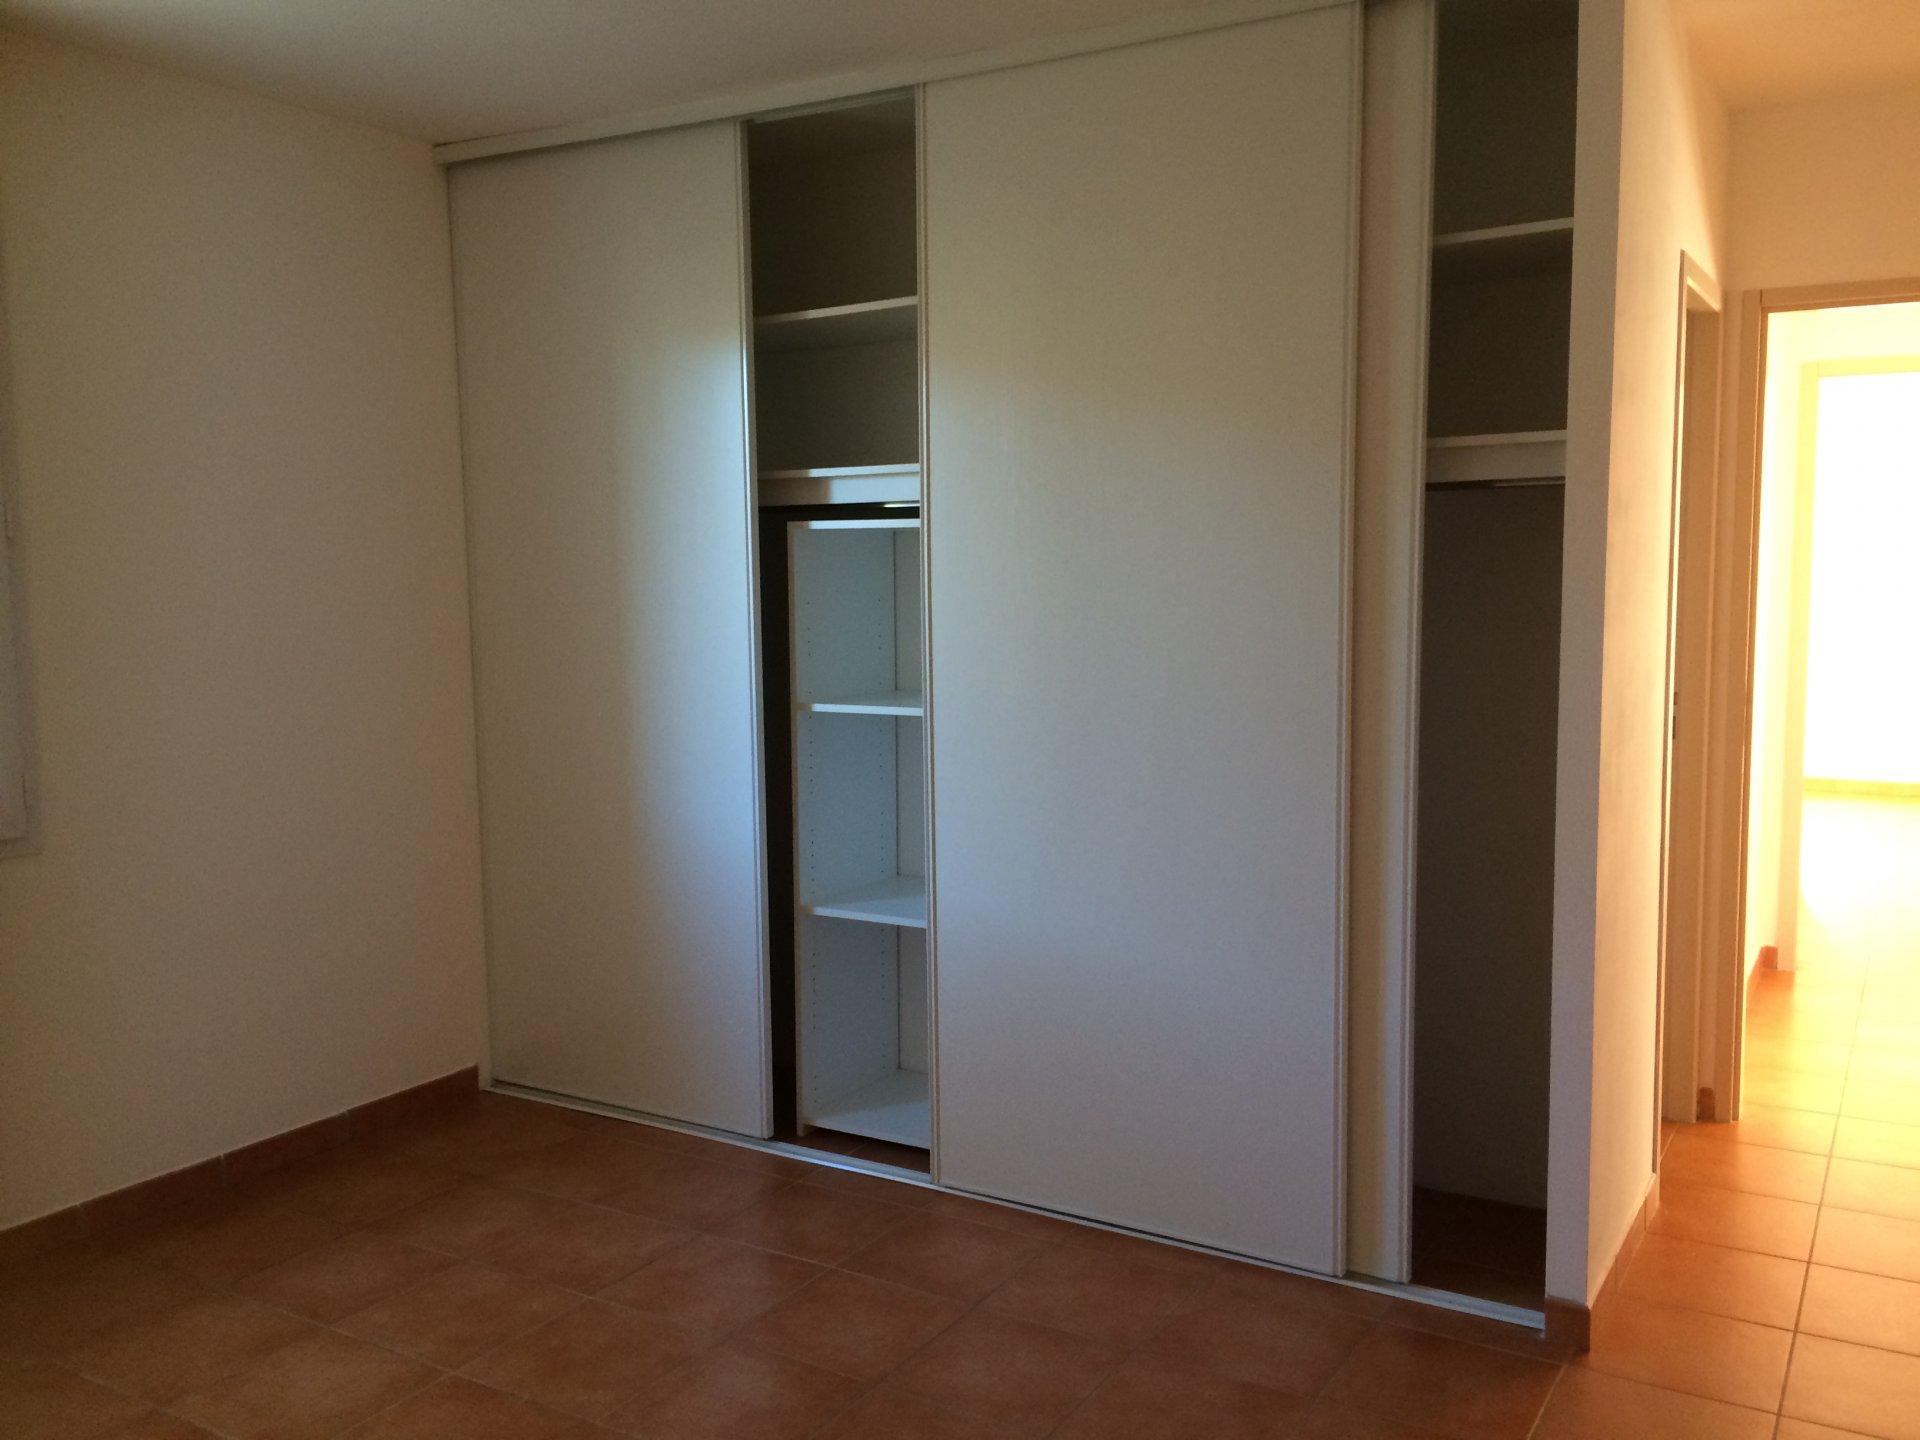 Rental Apartment - Lavatoggio